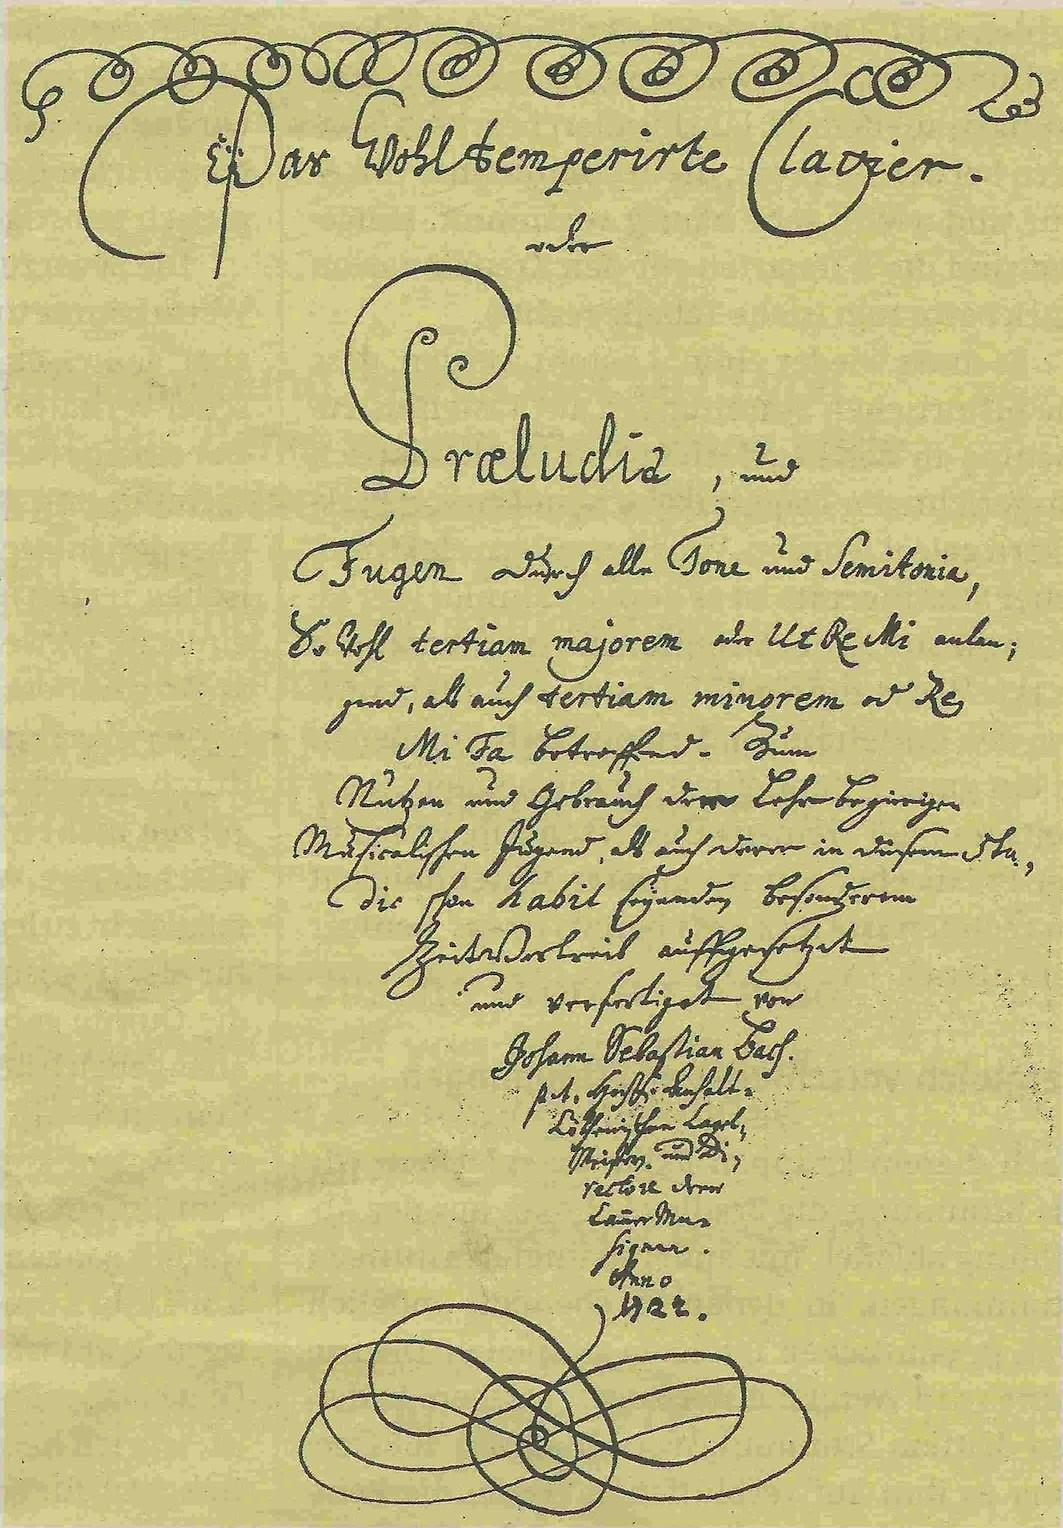 Bach: Prelúdio e Fuga nº 1, Livro I - O Cravo-Bem Temperado |